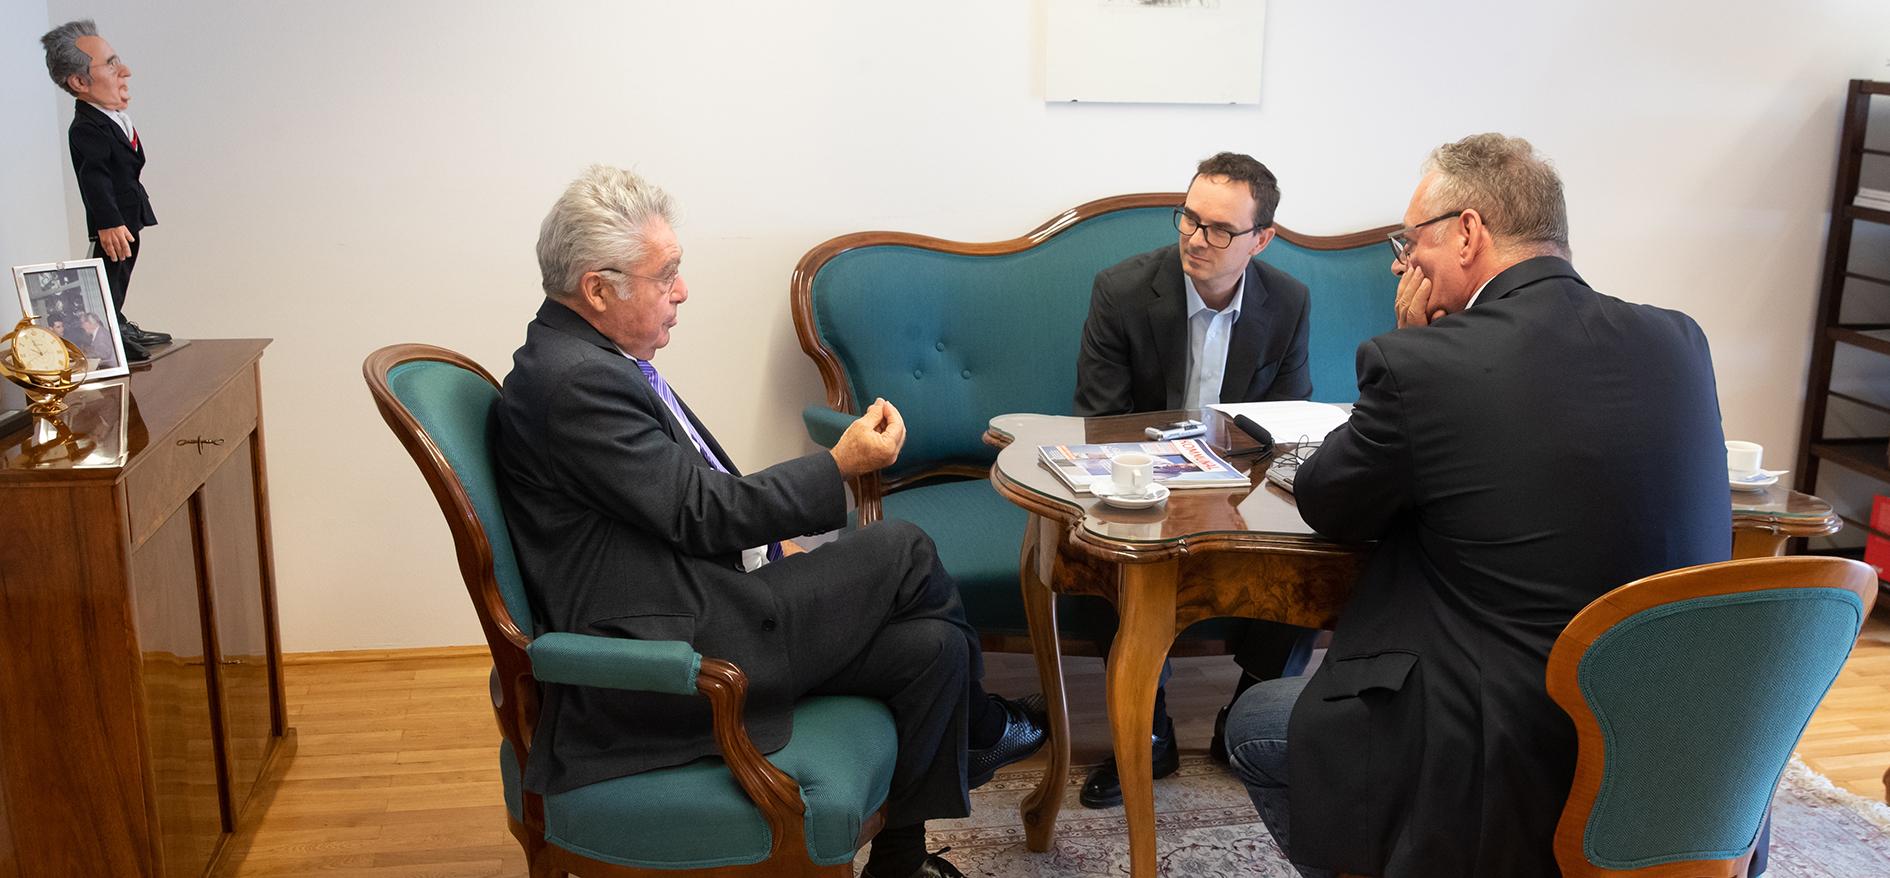 KOMMUNAL-Interview mit Heinz Fischer